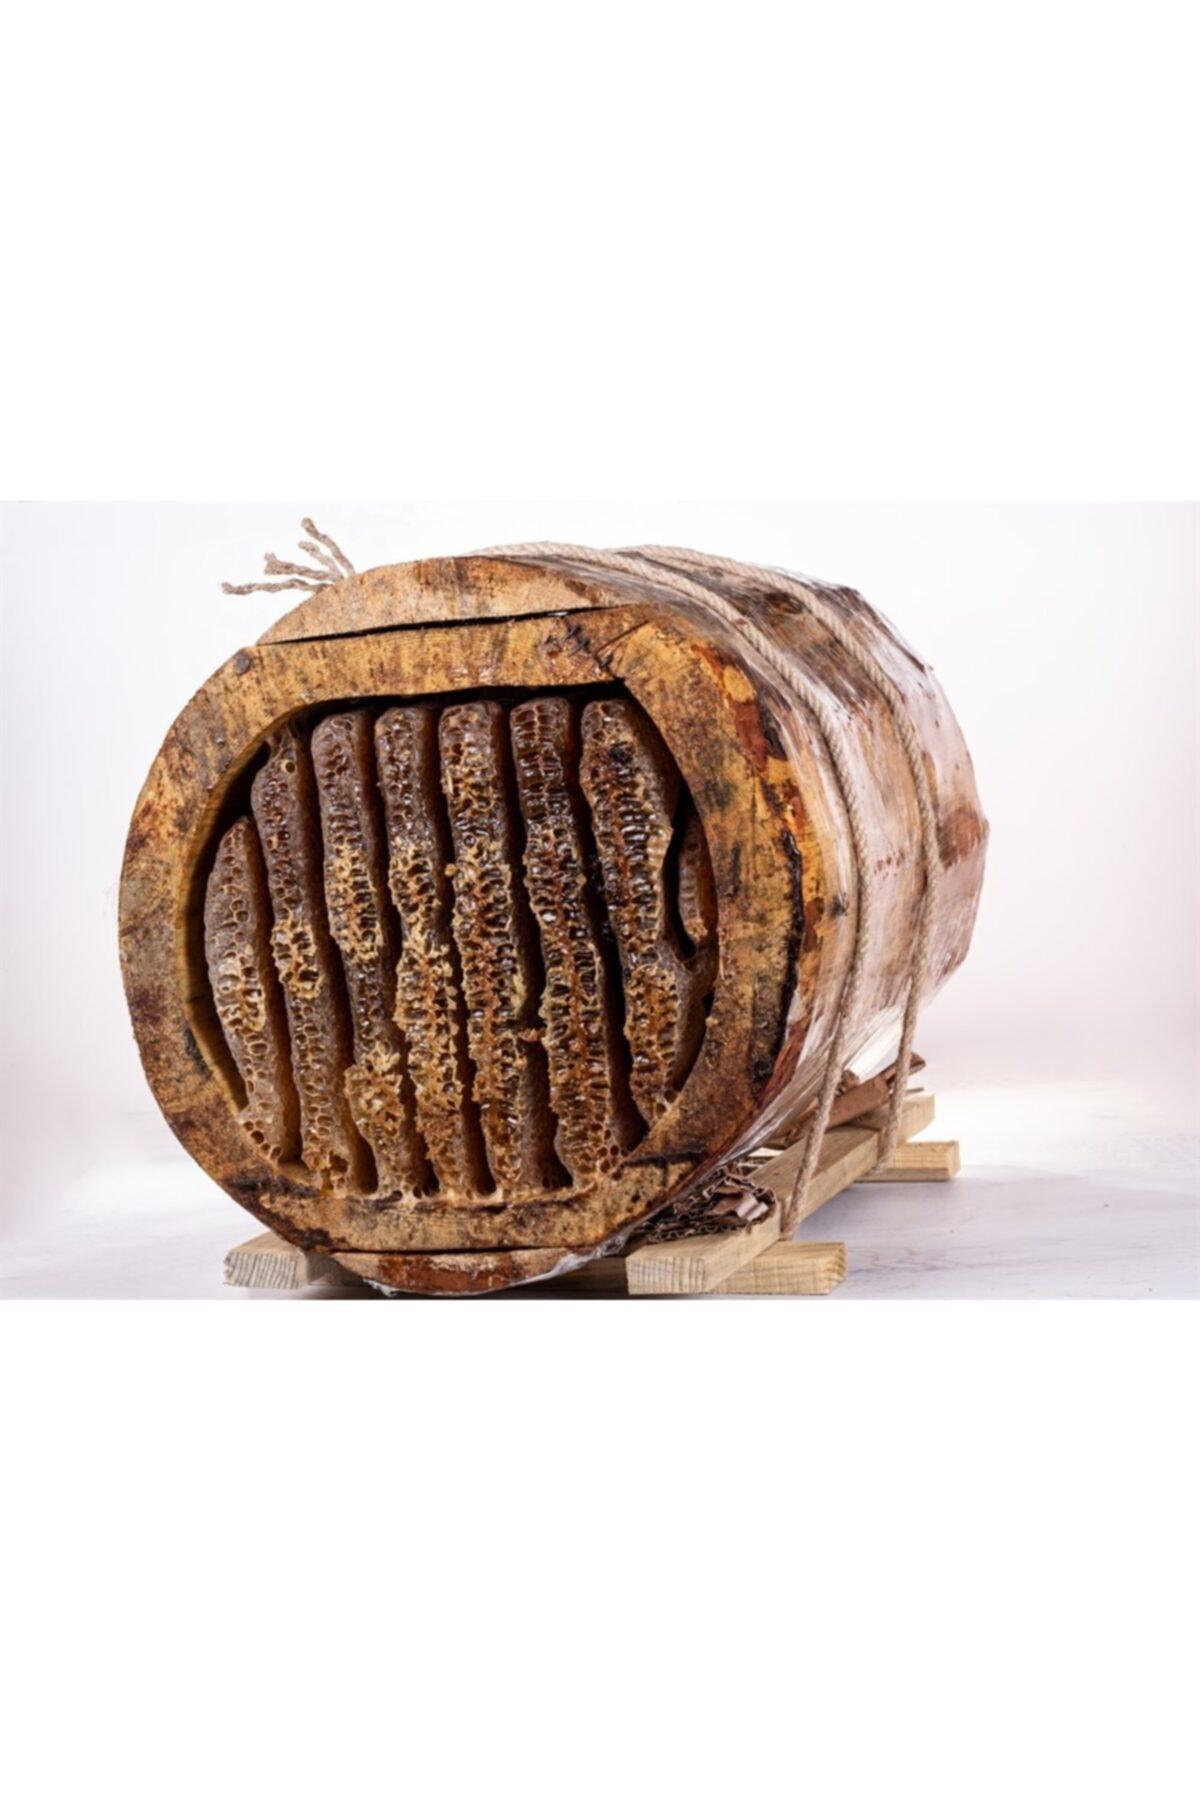 pavrika Hakiki Organik Doğal Üretim Kütük Karakovan Balı  1,2 kg Dökme 1